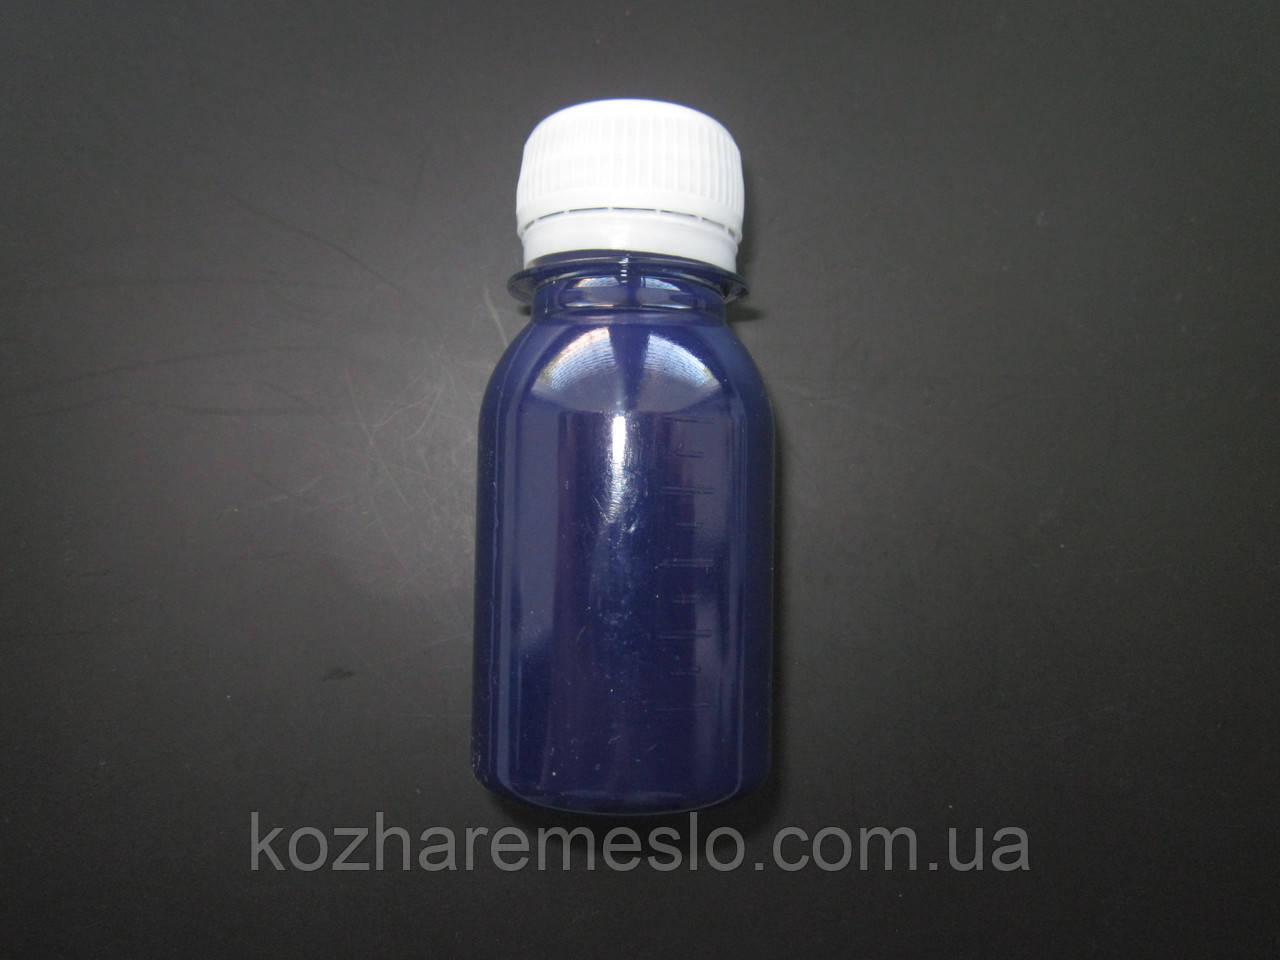 Краска для уреза (торца) кожи FENICE на силиконовой основе 100 грам тёмно - синяя